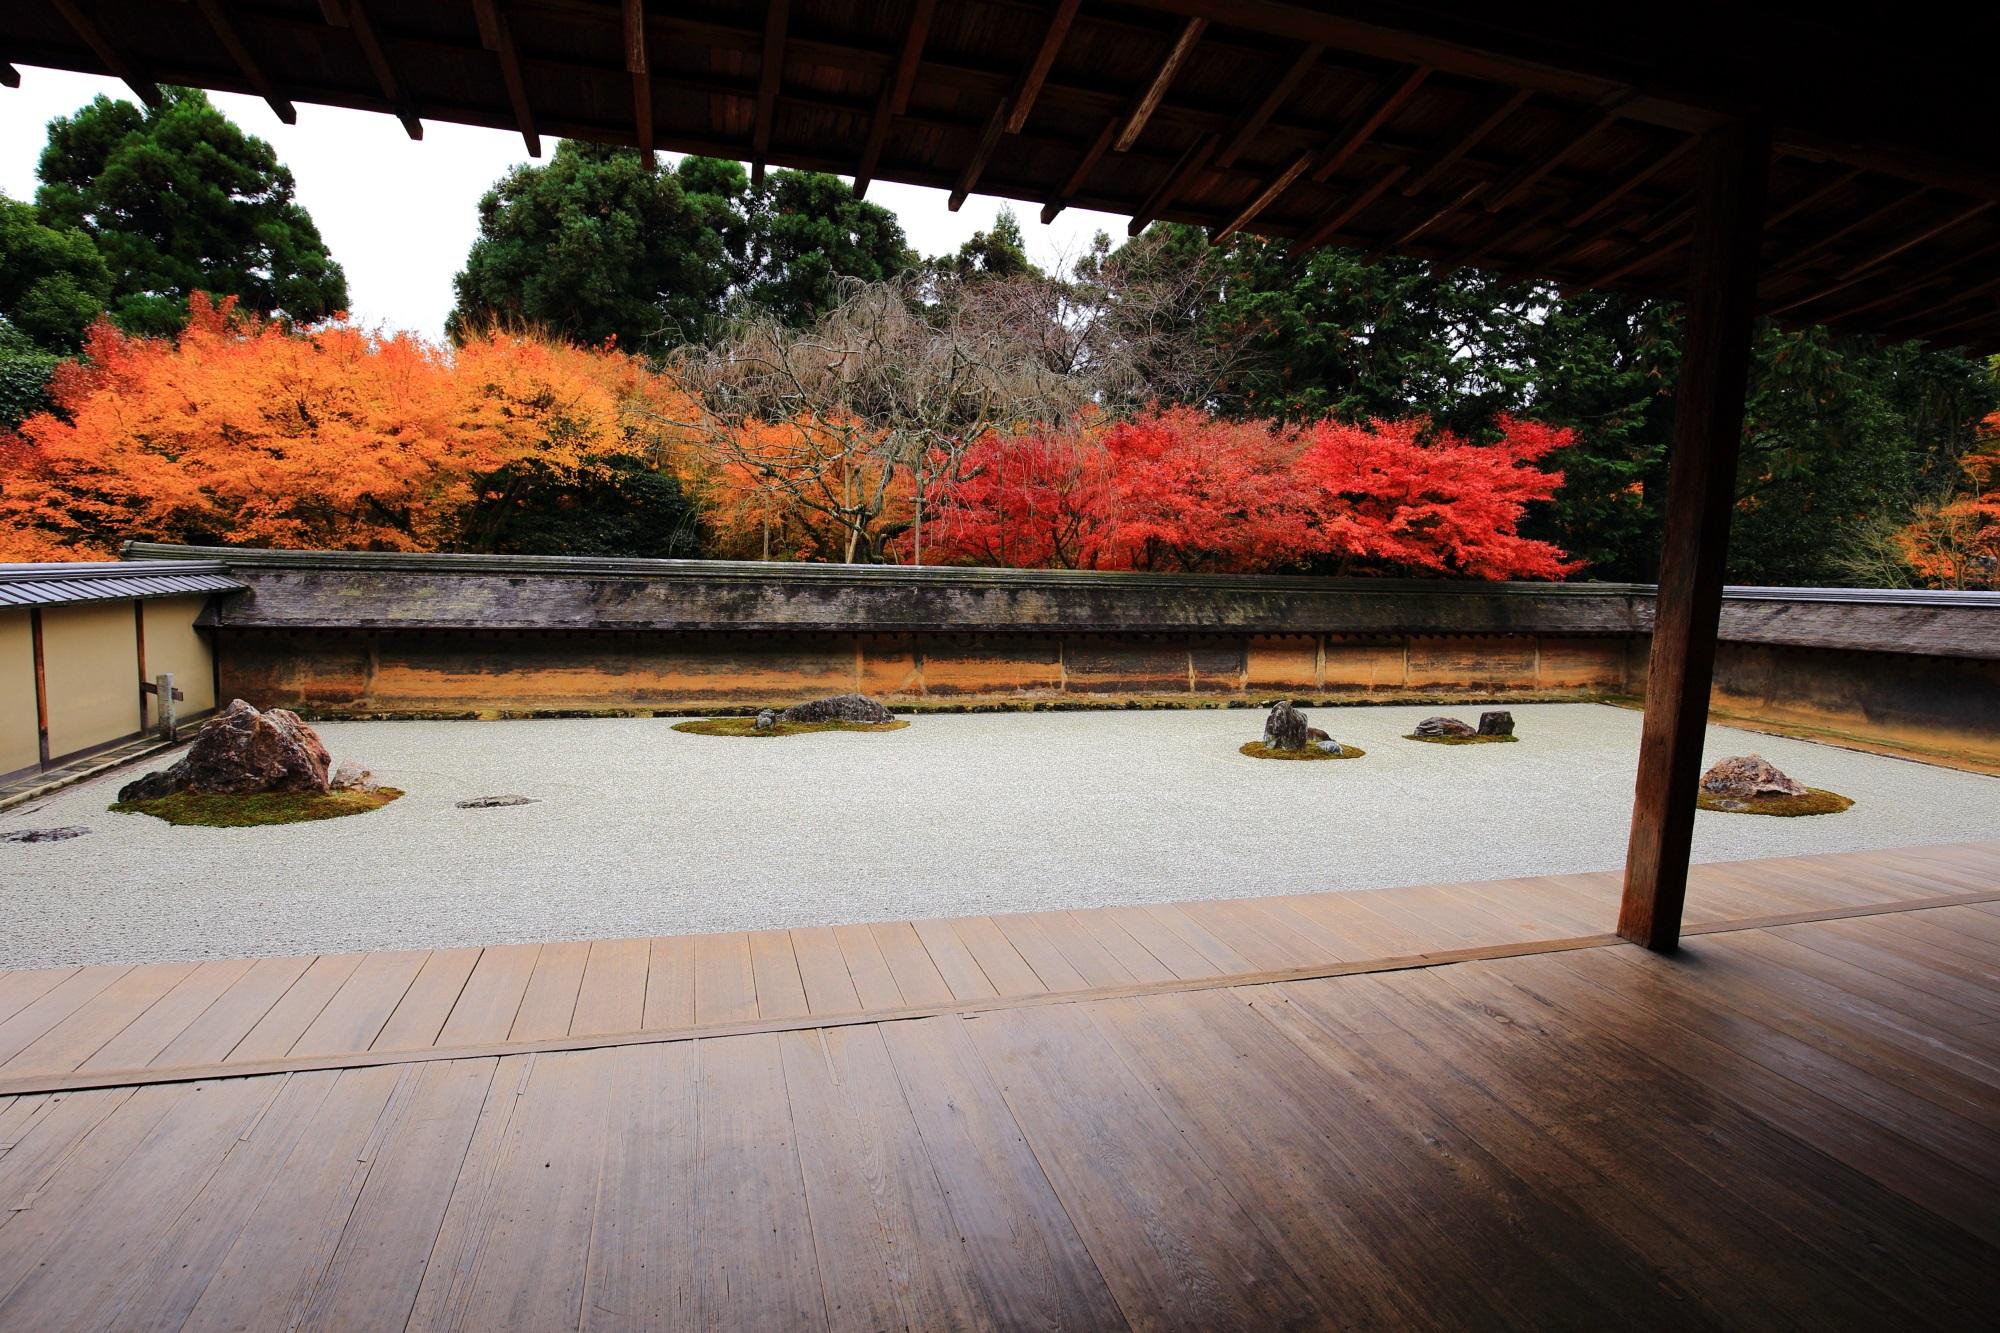 龍安寺の石庭の赤や黄色やオレンジの紅葉